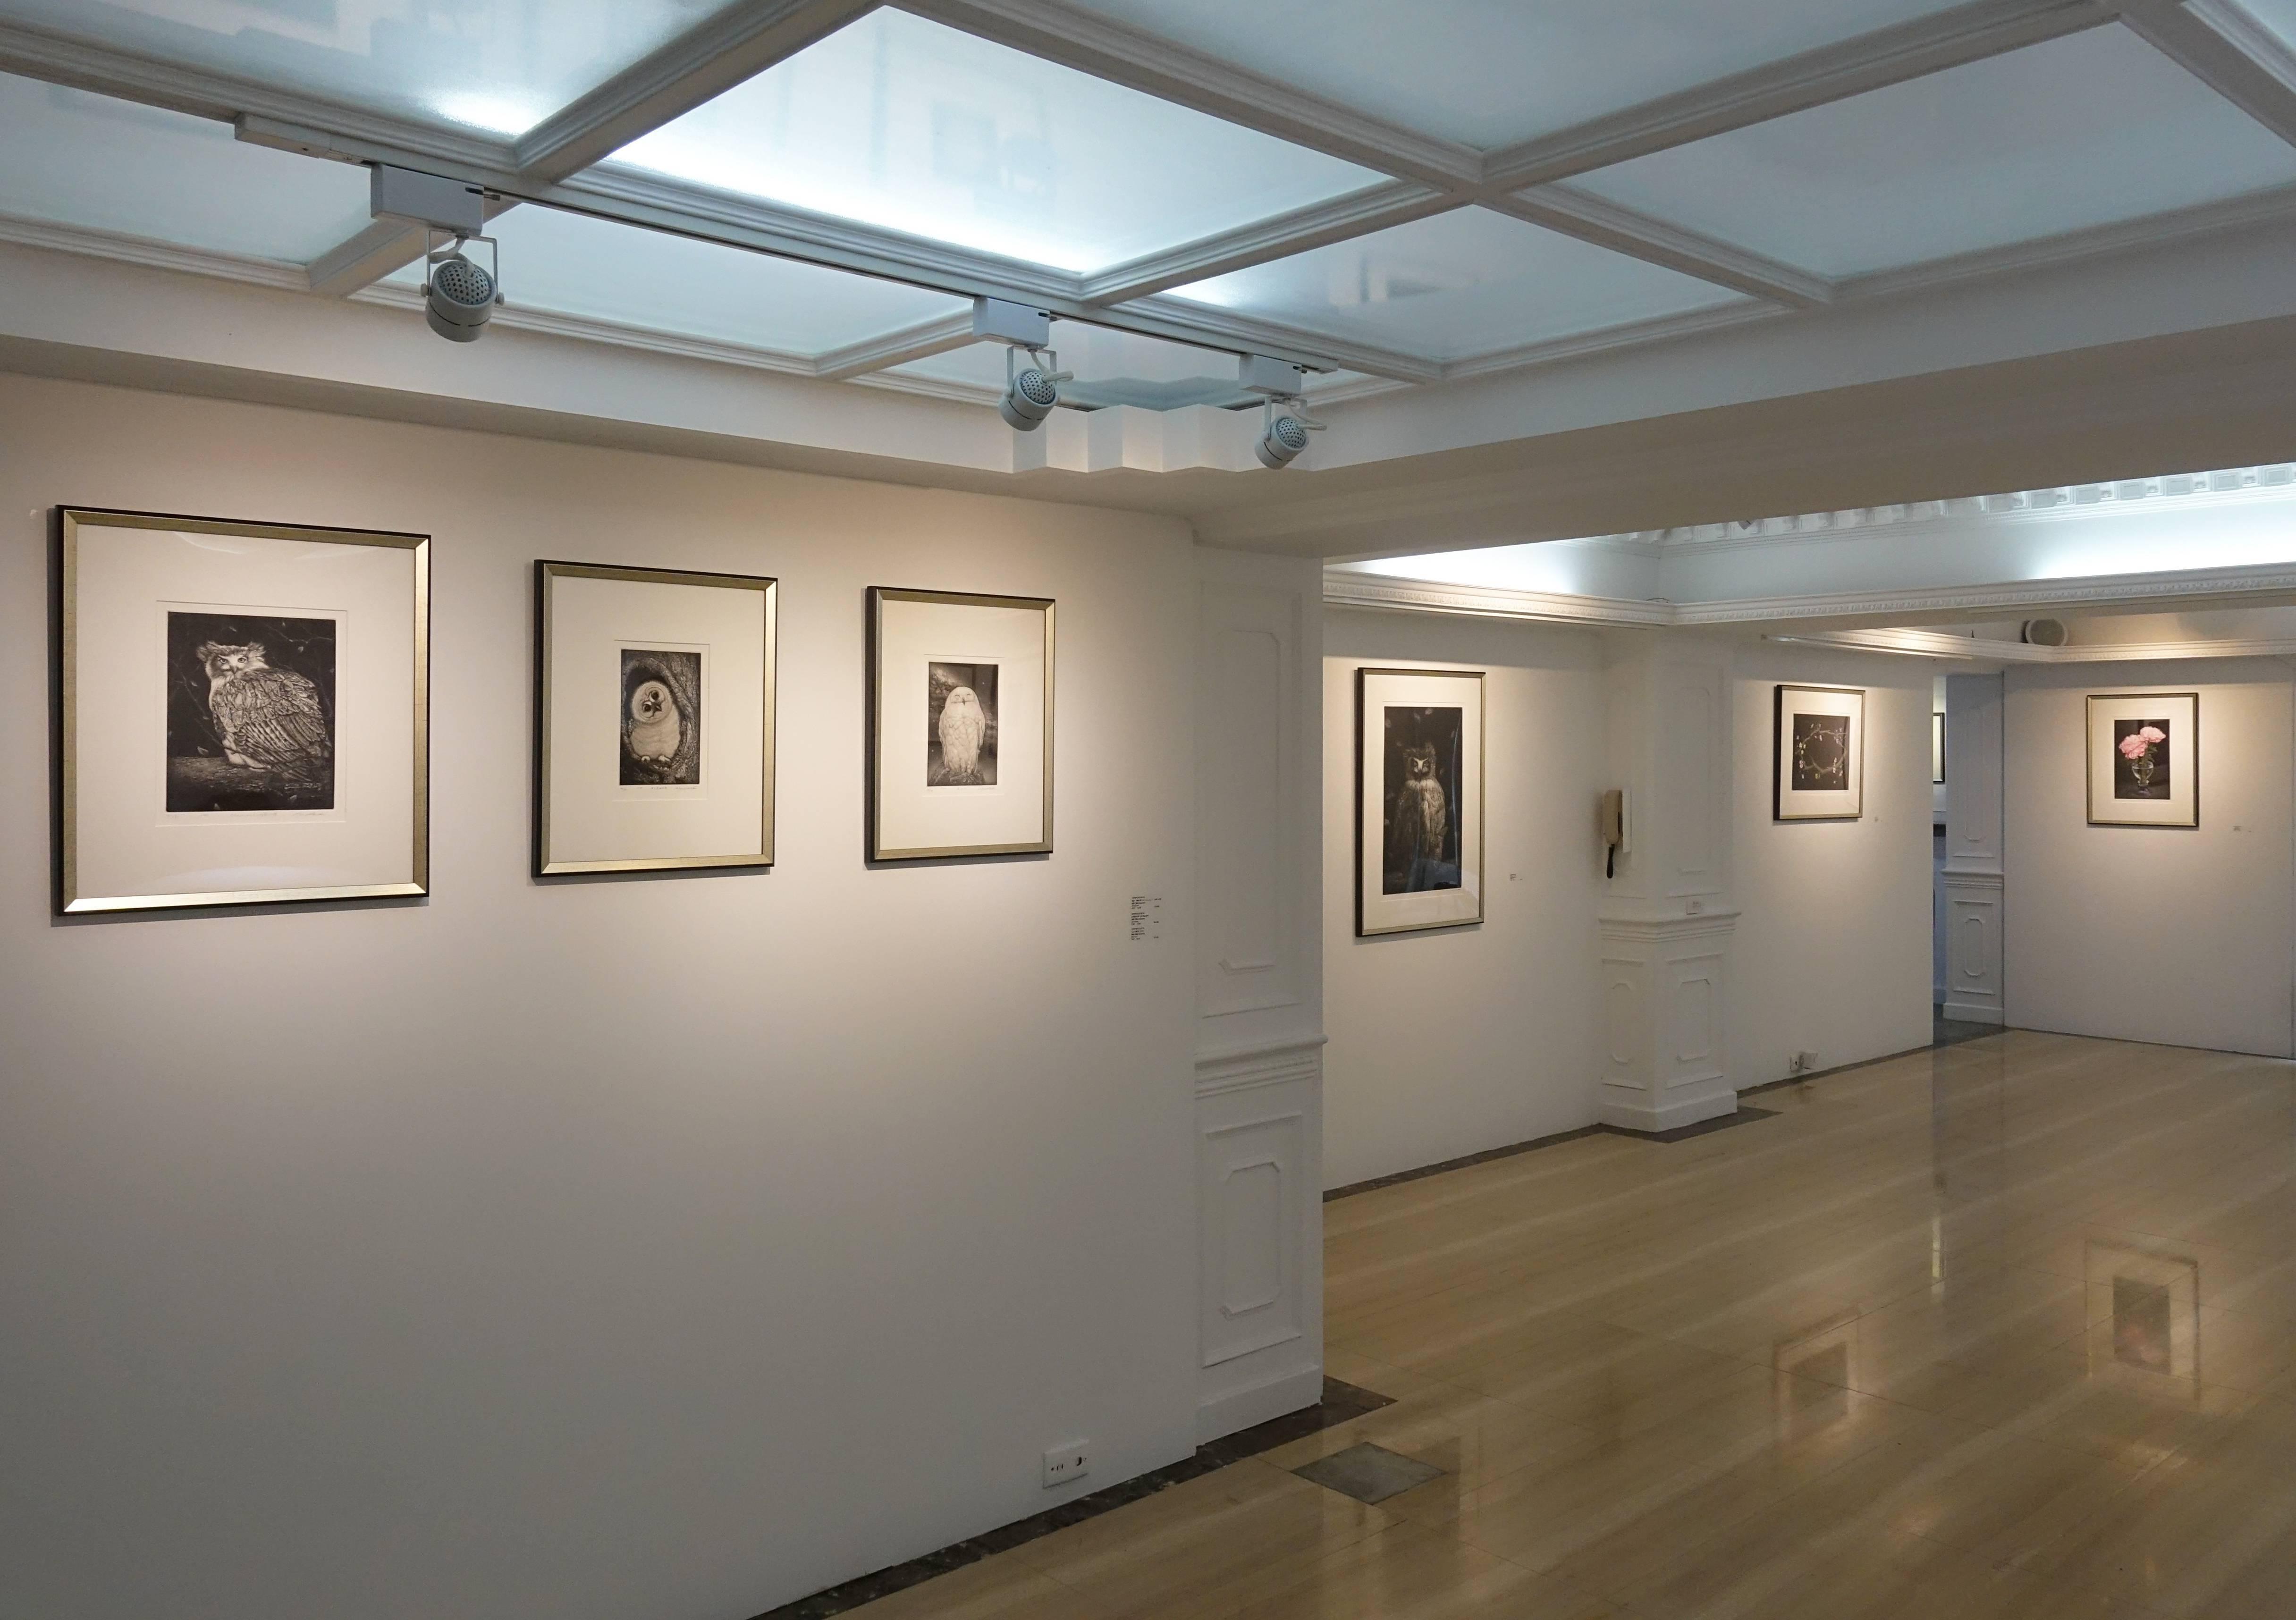 生田宏司銅版畫展 展覽現場一隅。